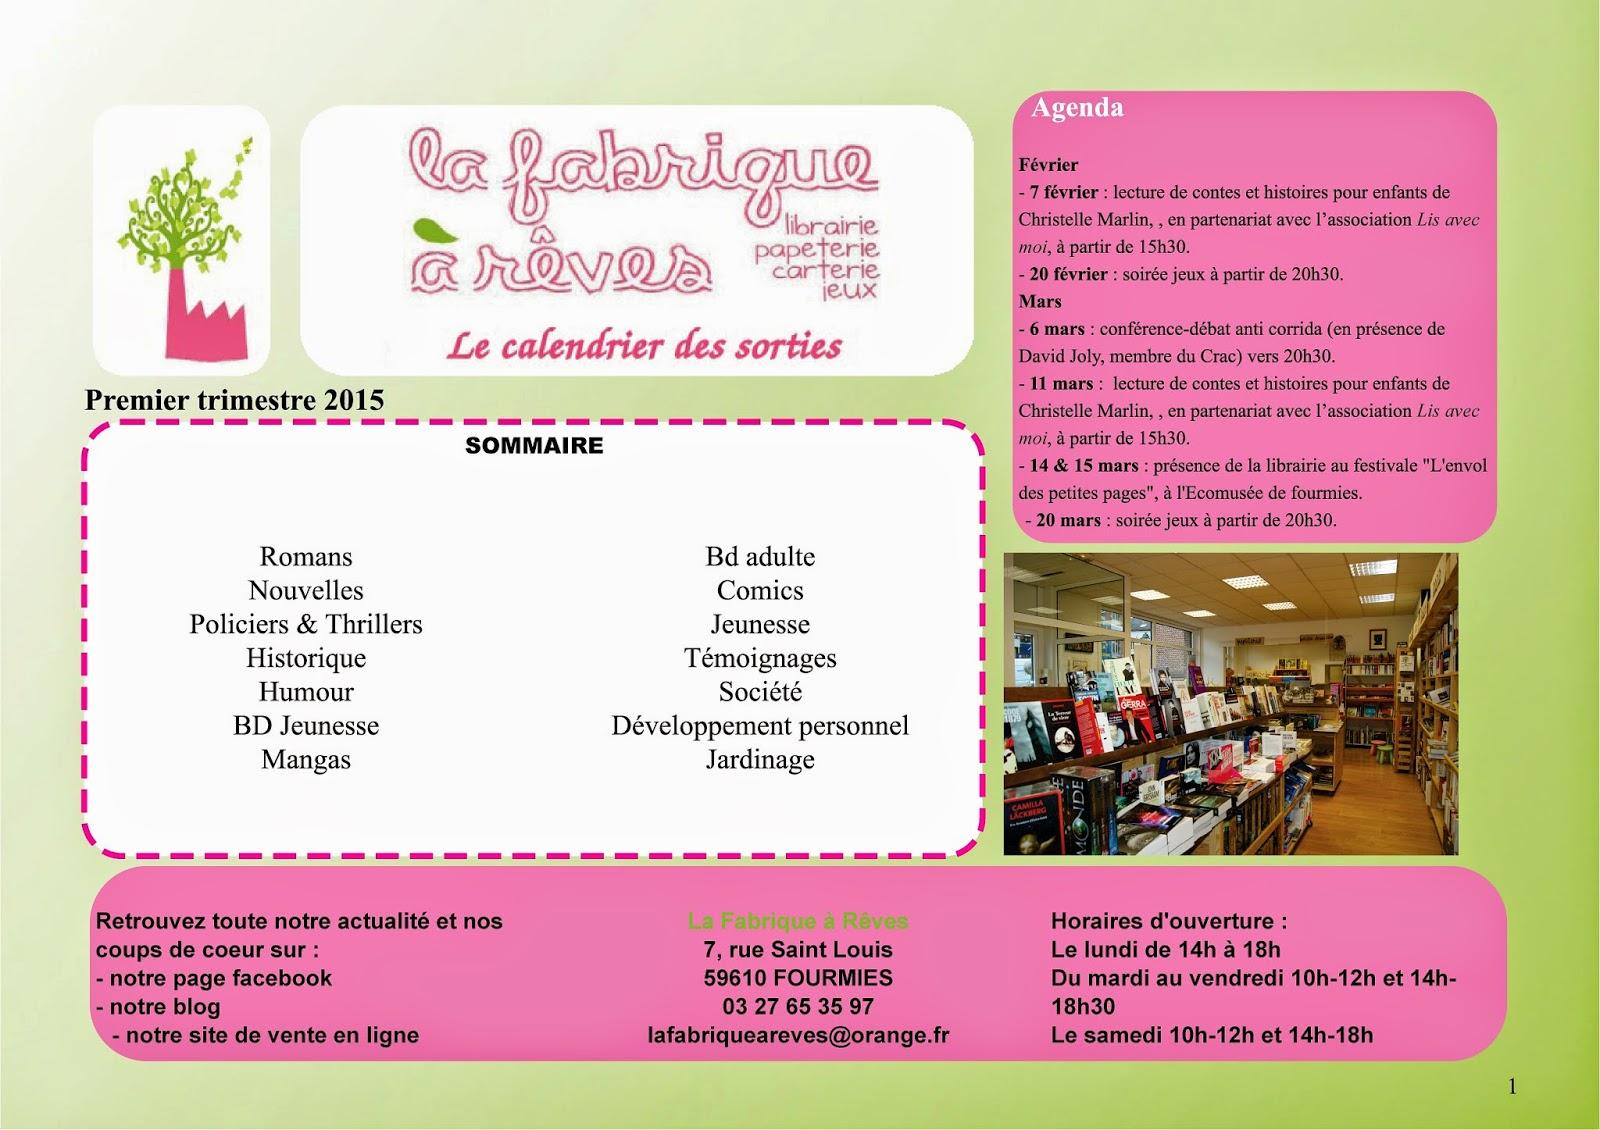 http://fr.calameo.com/read/00354667222815ff57c14